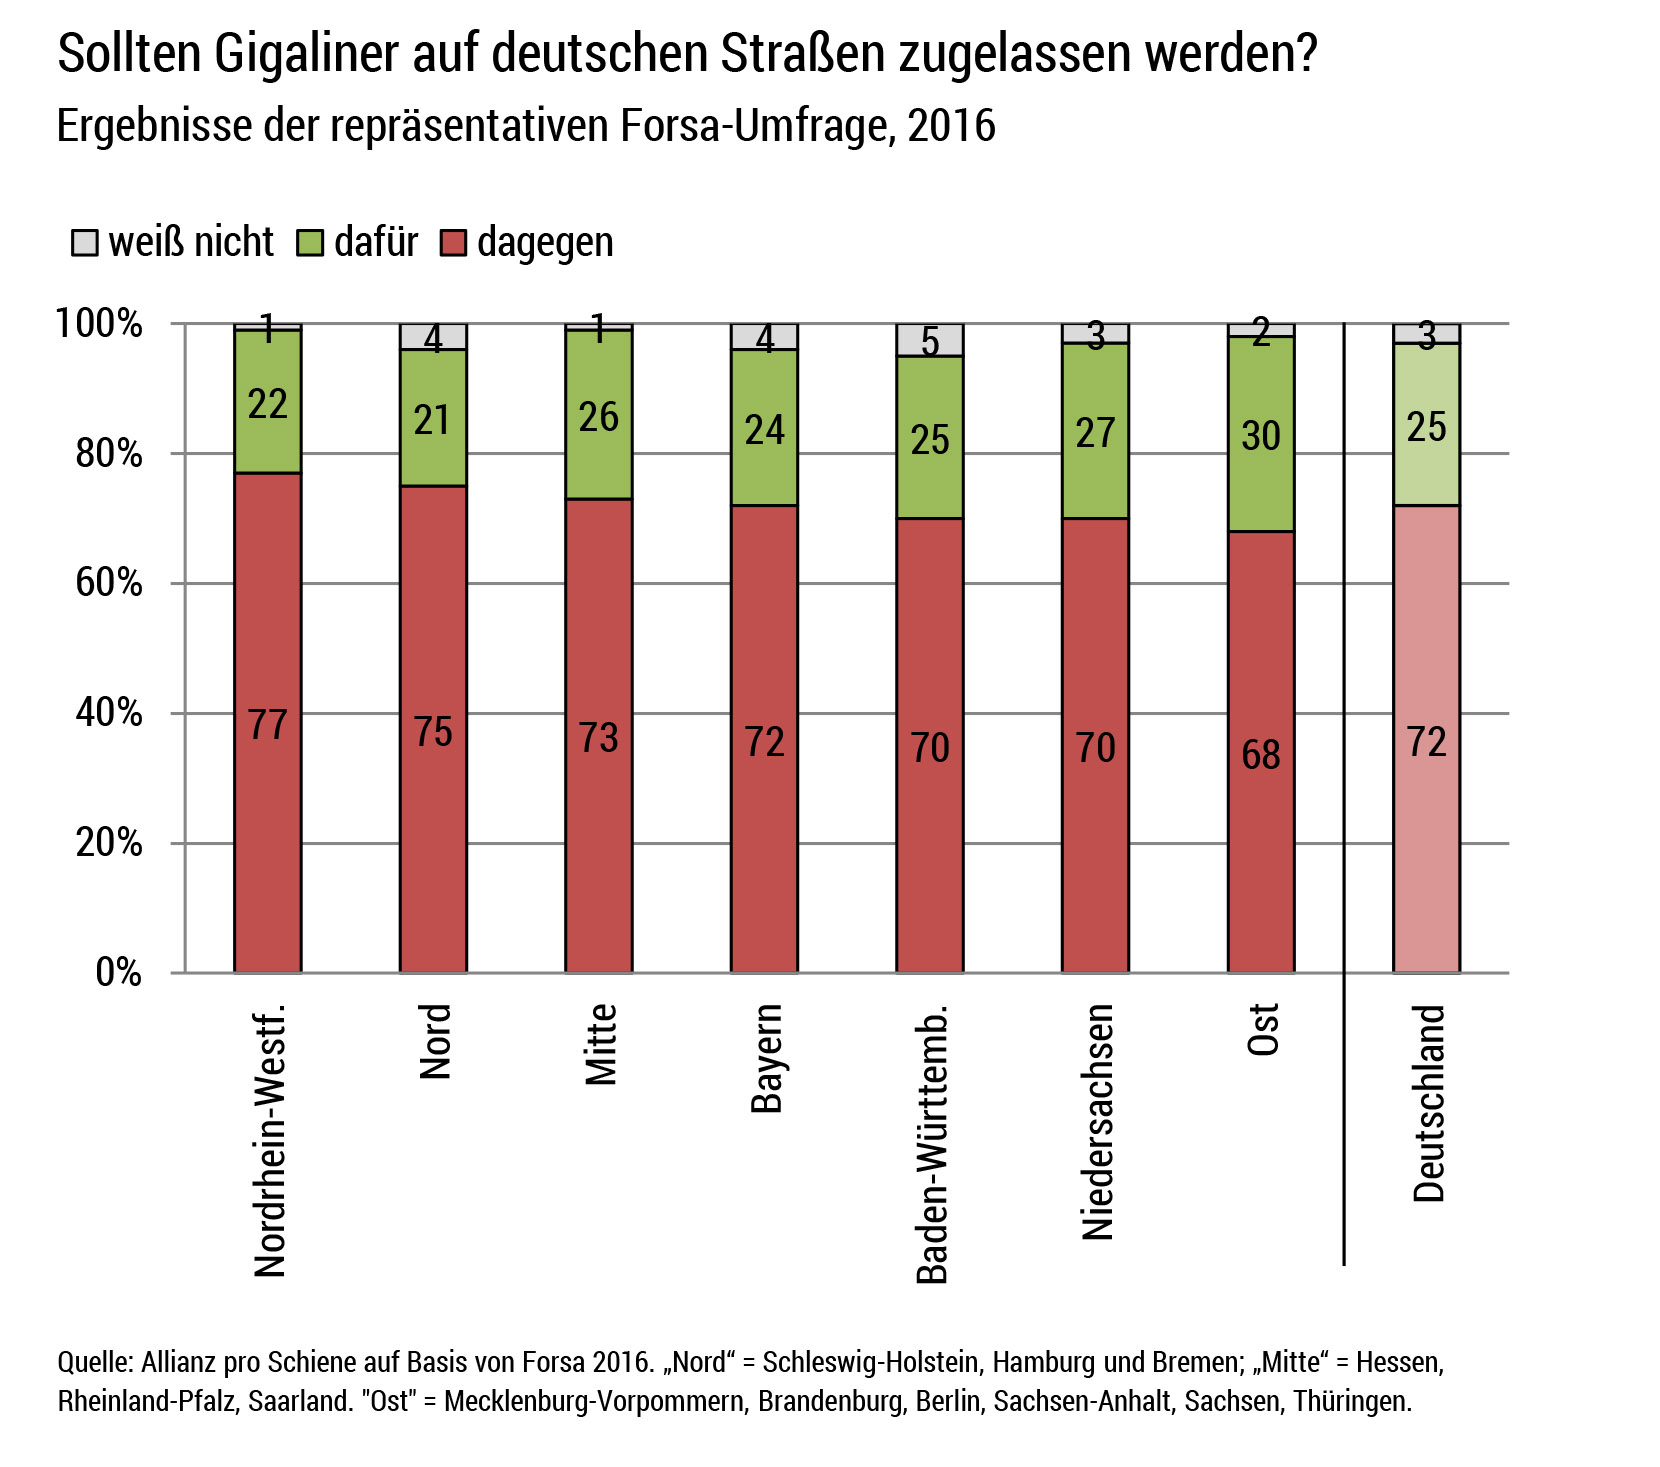 https://www.allianz-pro-schiene.de/wp-content/uploads/2016/07/Forsa-Umfrage-Gigaliner-Ergebnisse-der-Bundesl%C3%A4nder.jpg